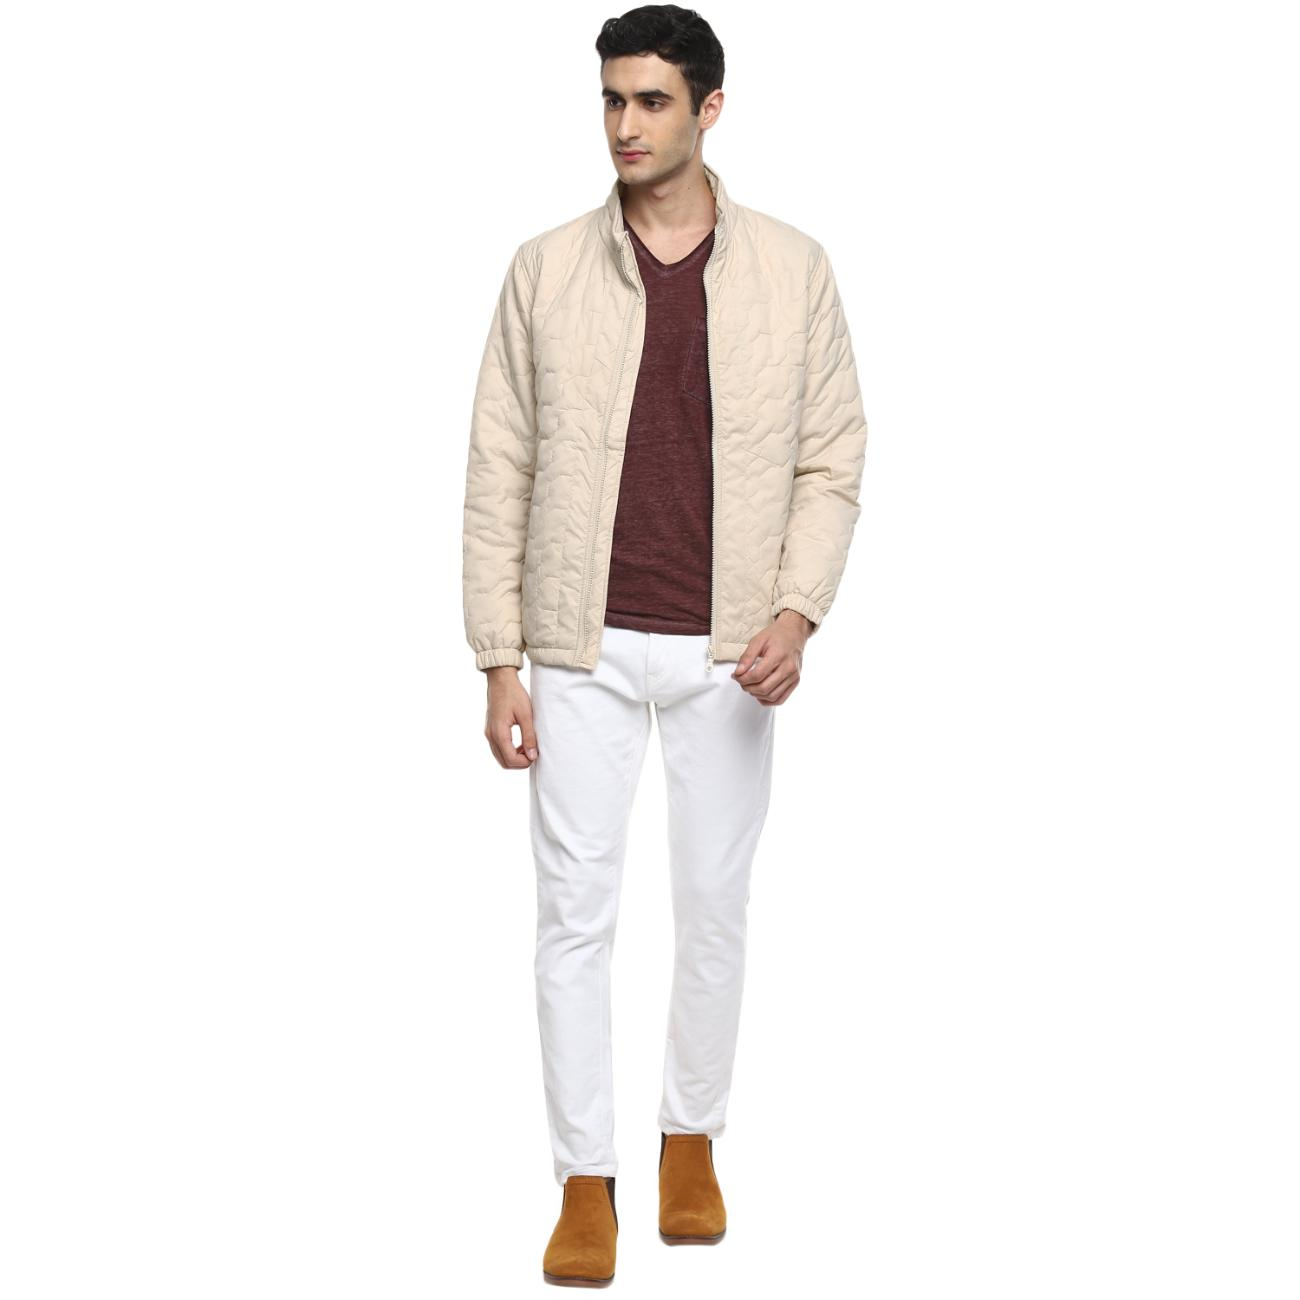 Shop Cream Jacket For Men